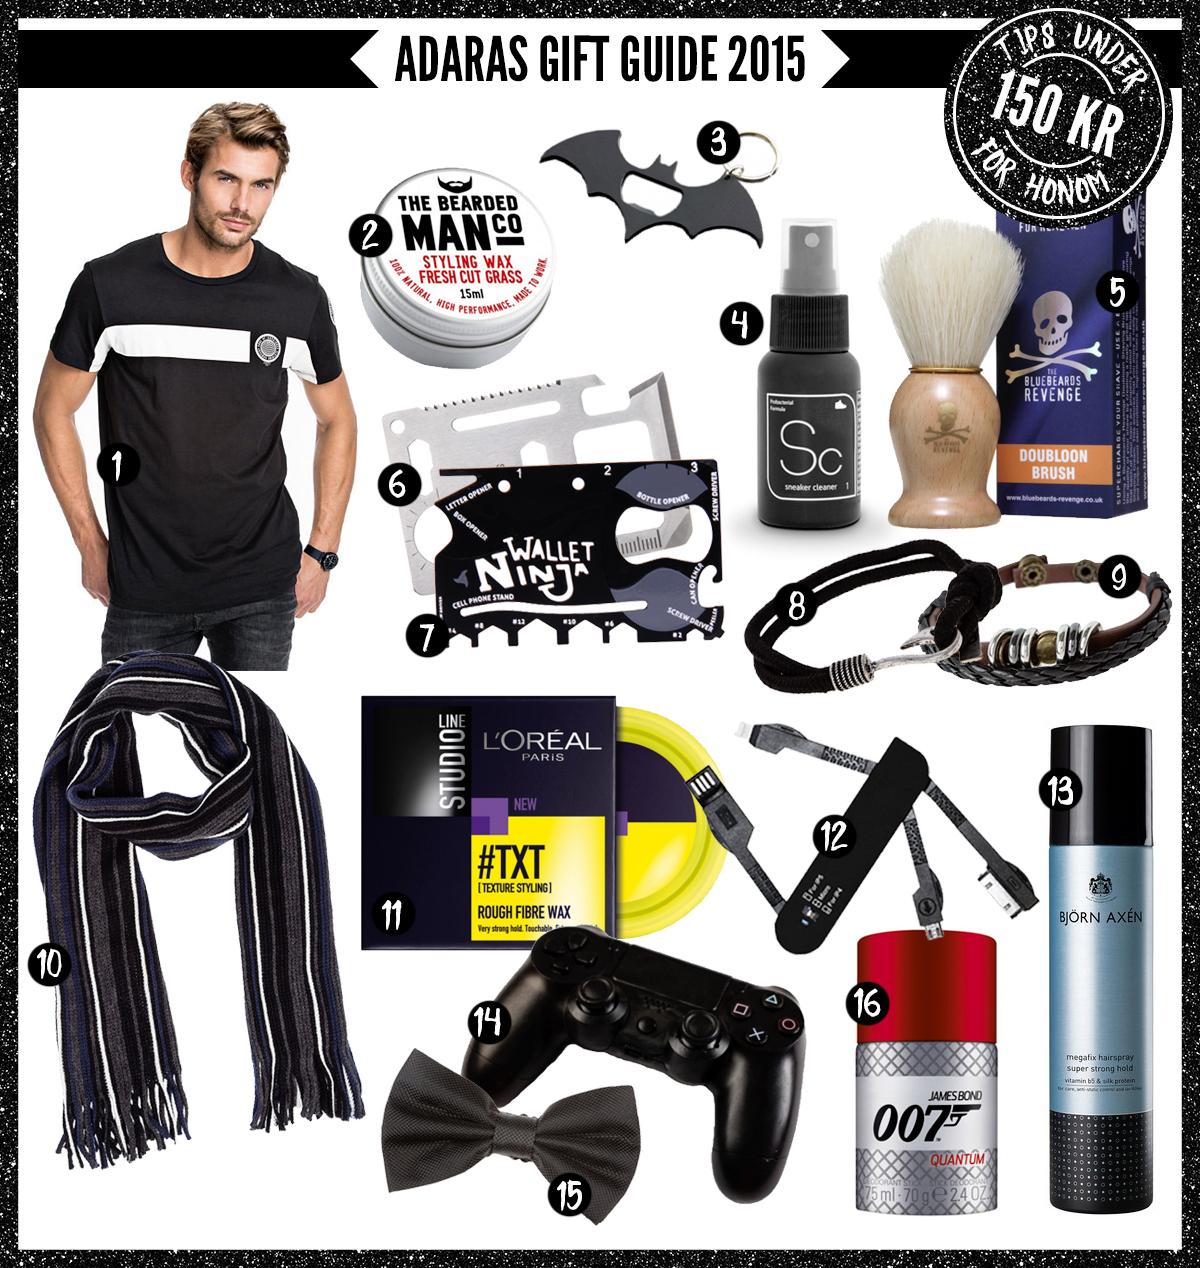 Adaras Holiday Gift Guide 2015 - För honom - under 150 kronor